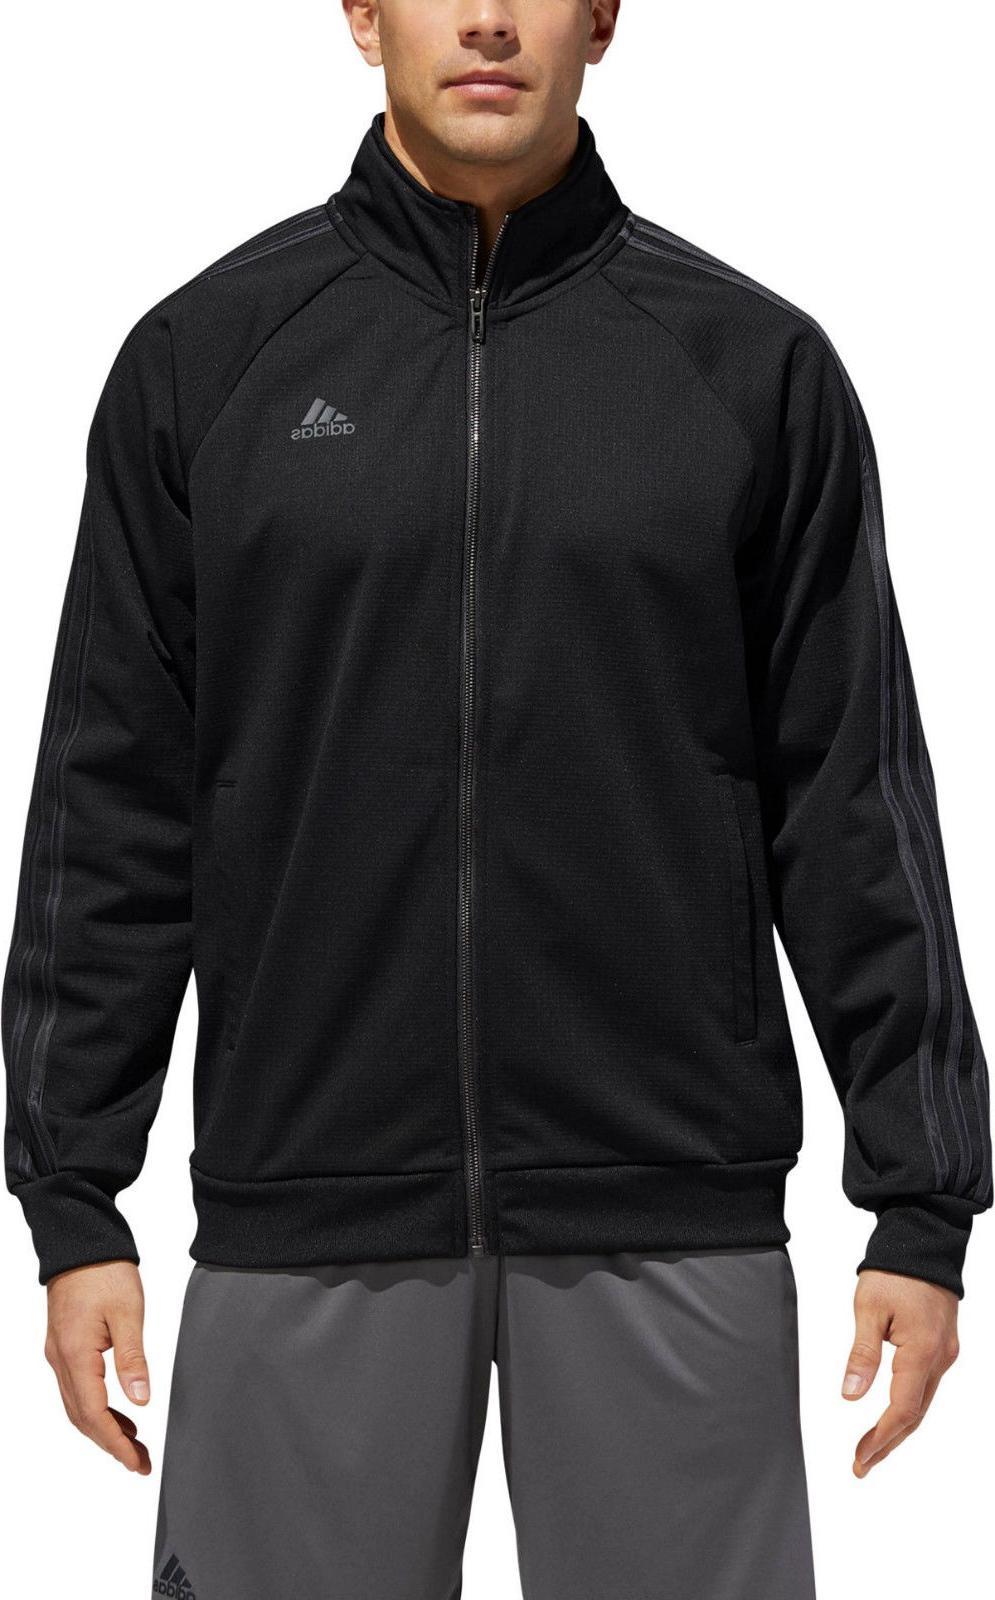 Jacket Black Sleeve Shirt